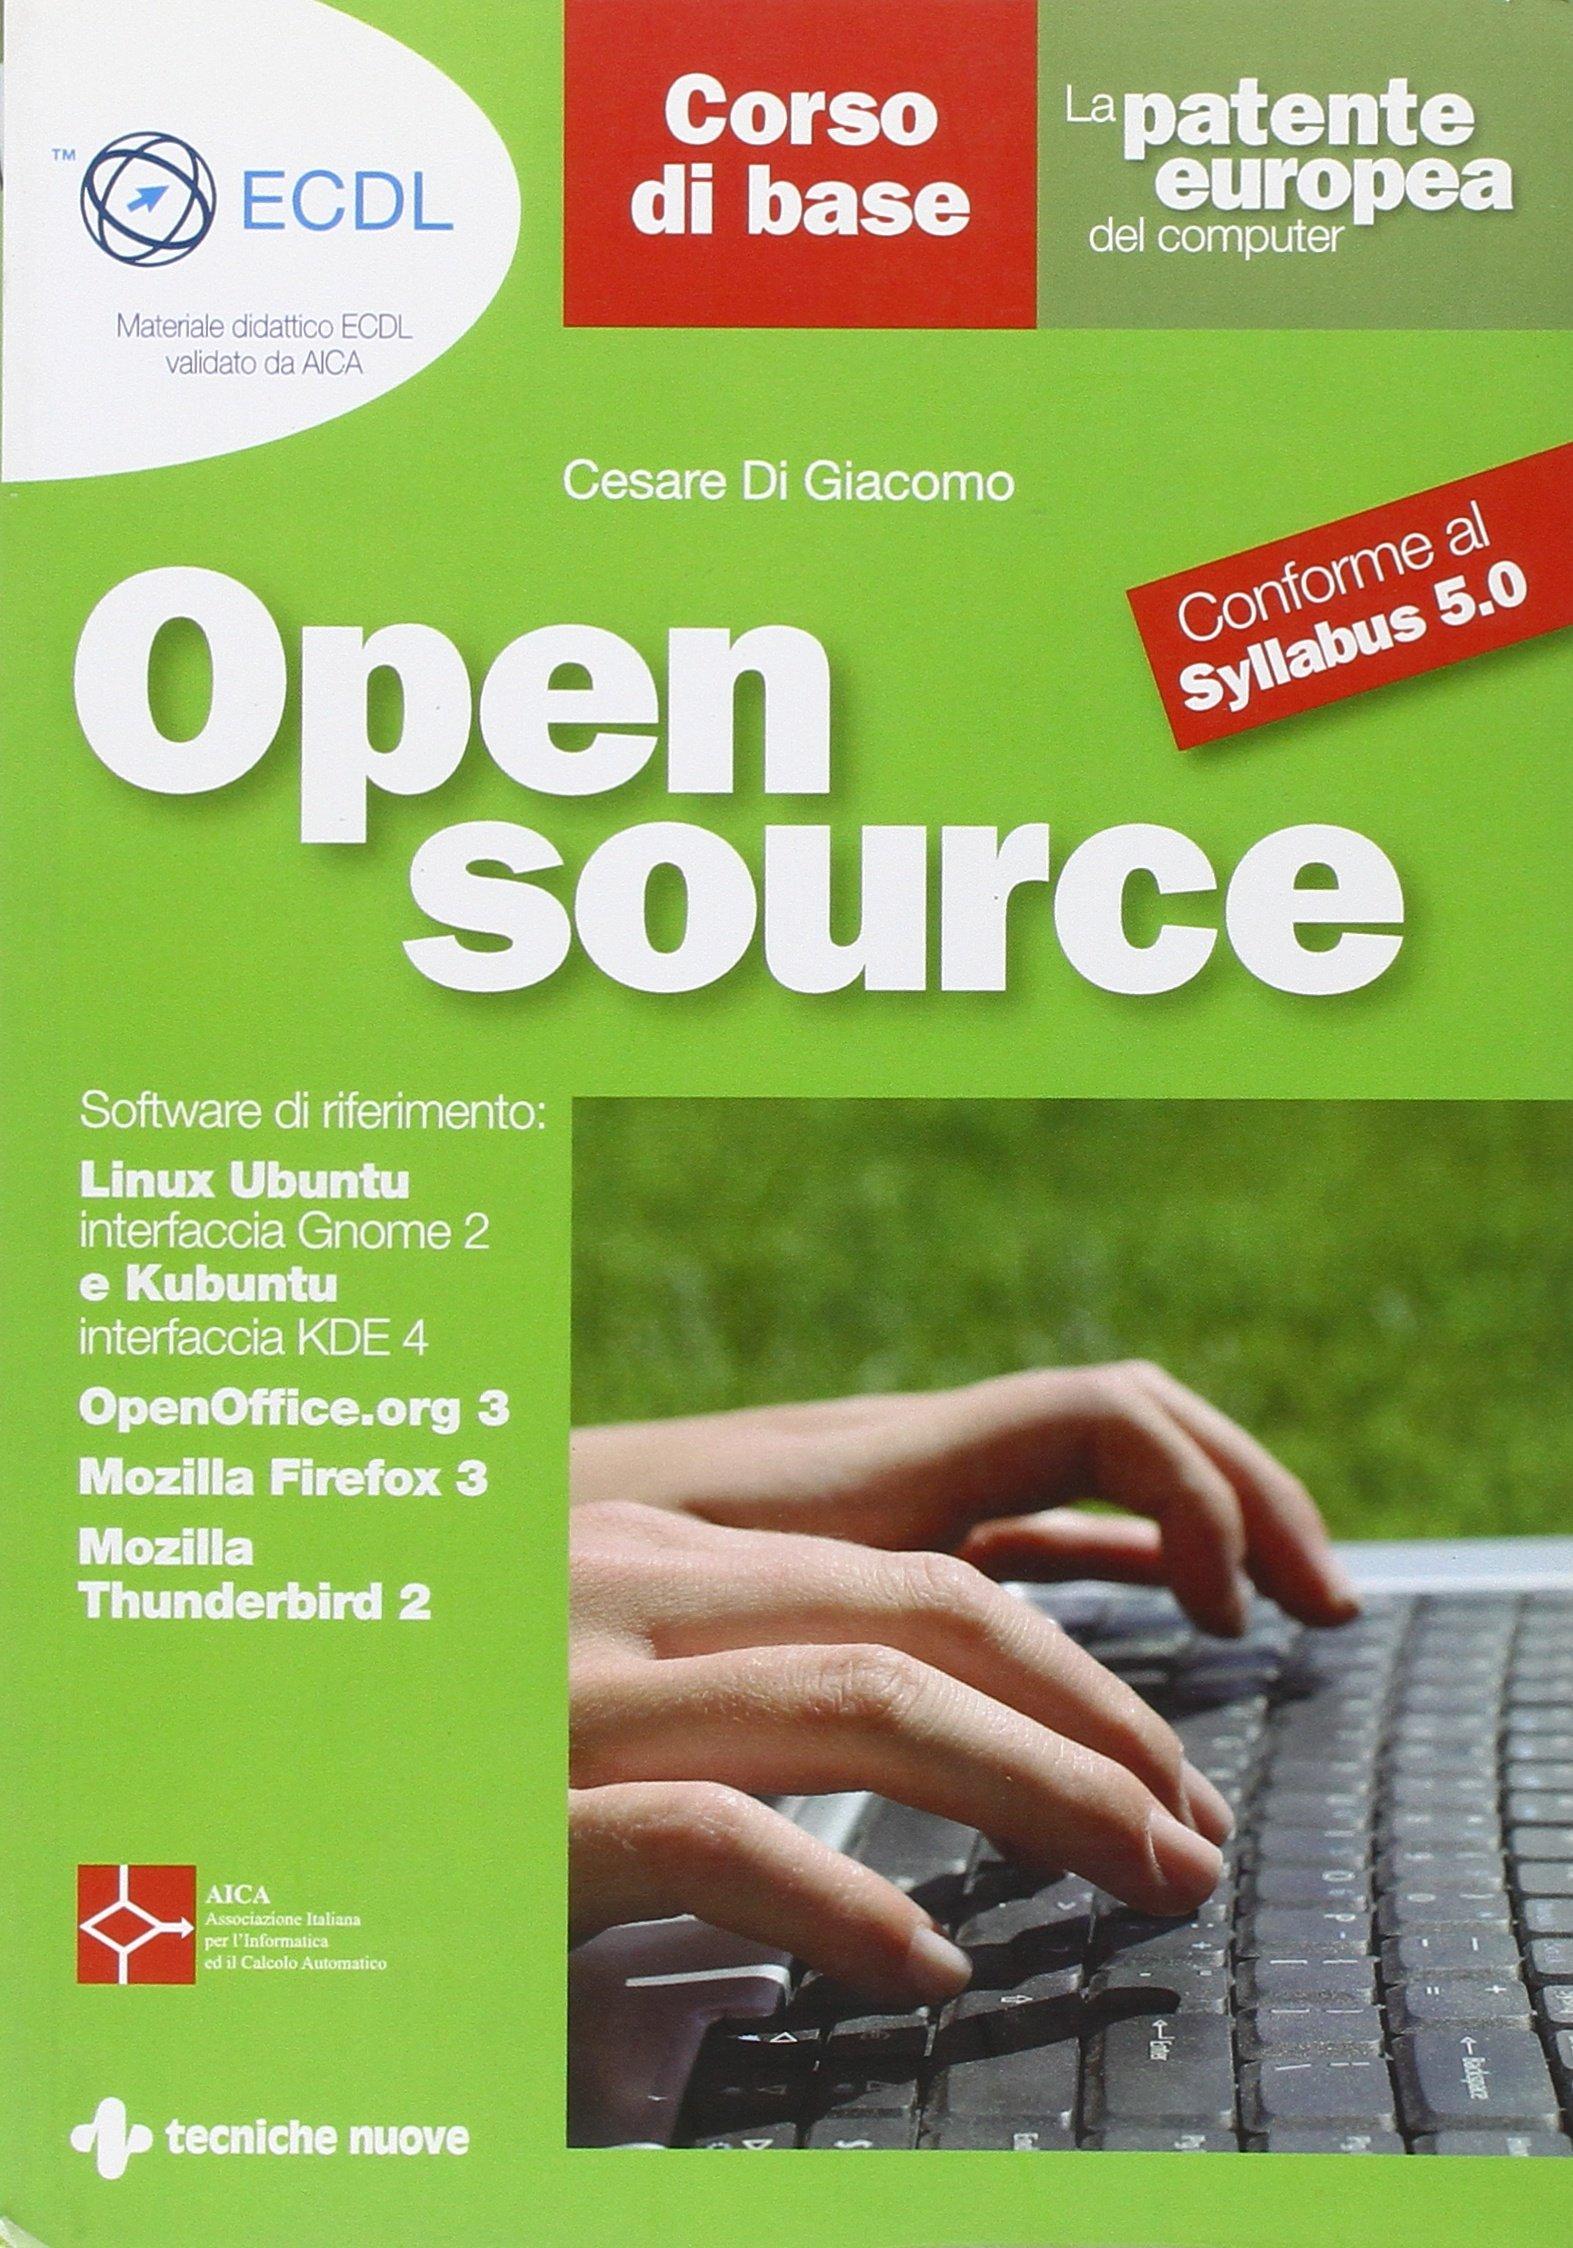 La patente europea del computer. Open source. Corso di base. Conforme al Sillabus 5.0 Copertina flessibile – 14 gen 2010 Cesare Di Giacomo Tecniche Nuove 8848123740 Informatica